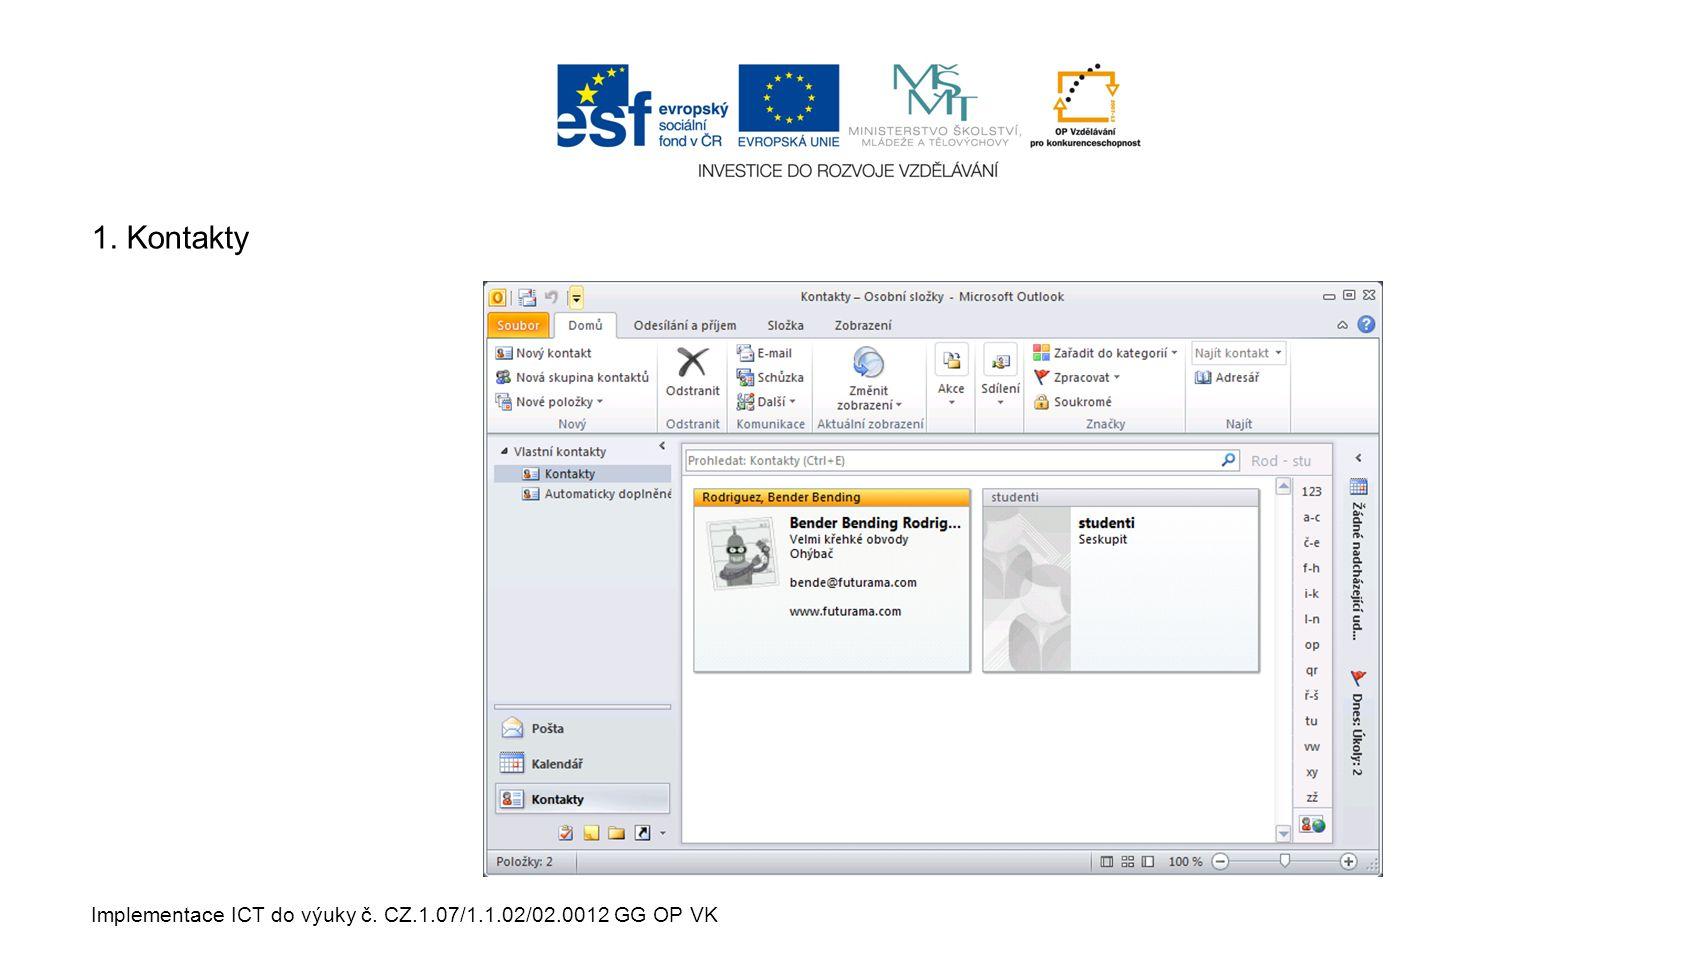 Implementace ICT do výuky č. CZ.1.07/1.1.02/02.0012 GG OP VK 1. Kontakty